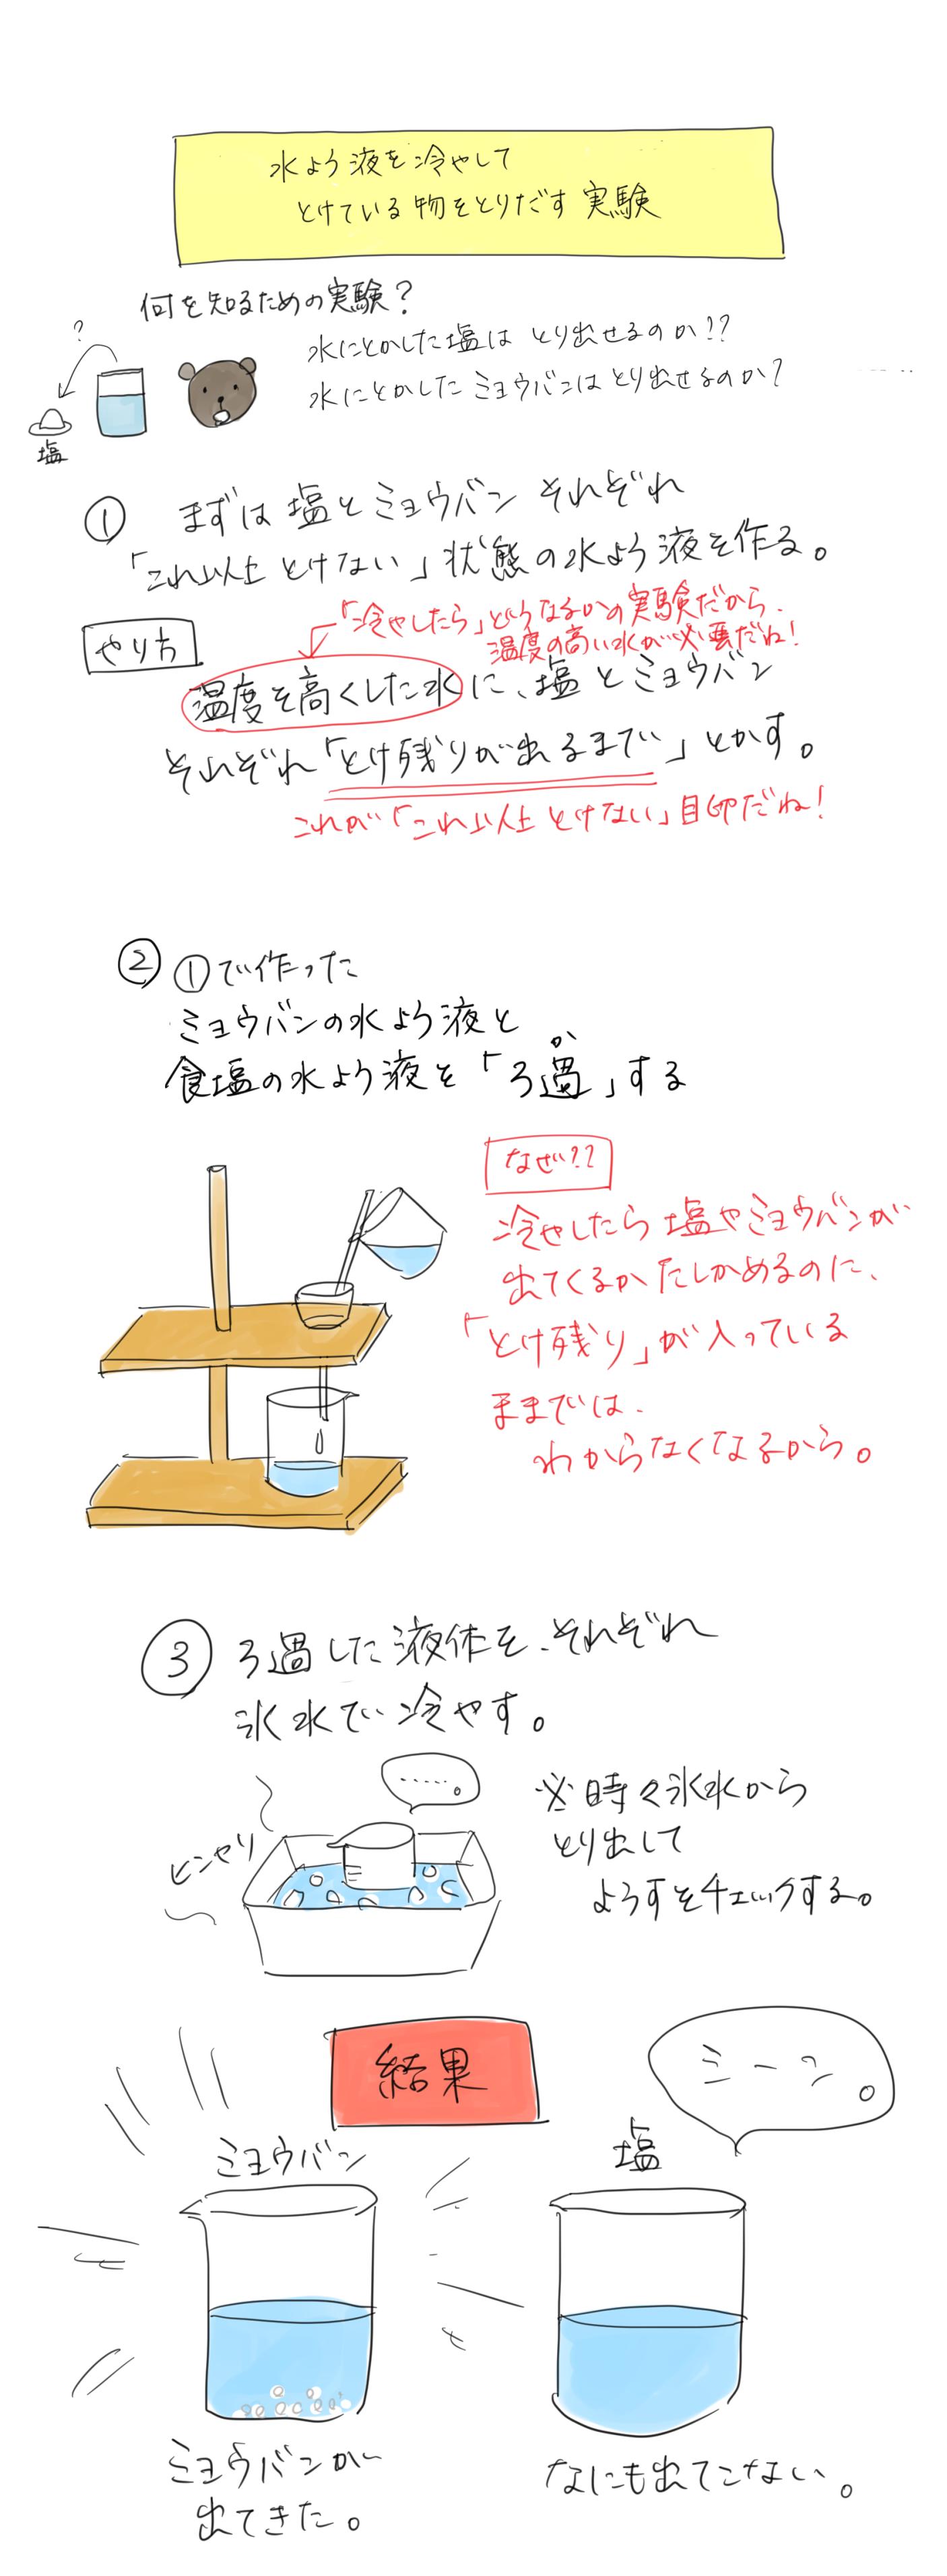 水溶液を冷やして溶けているものを取り出す実験のイラスト